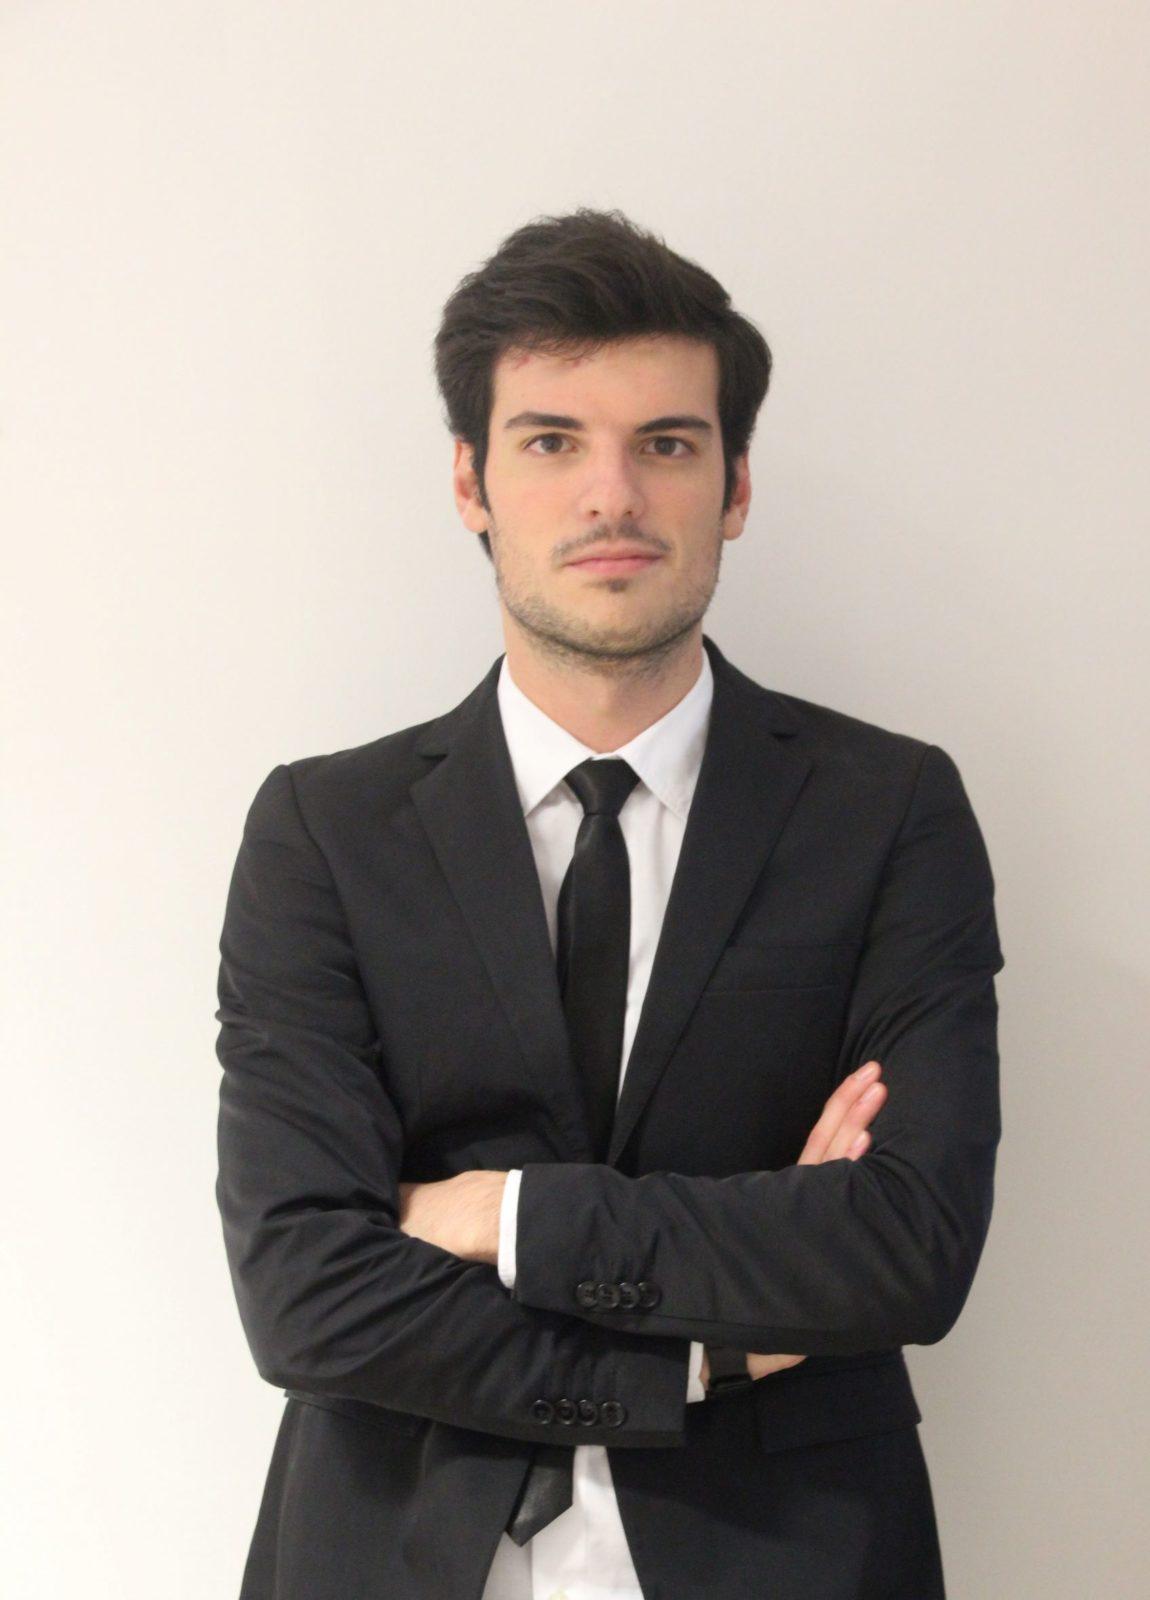 Francesco Posa